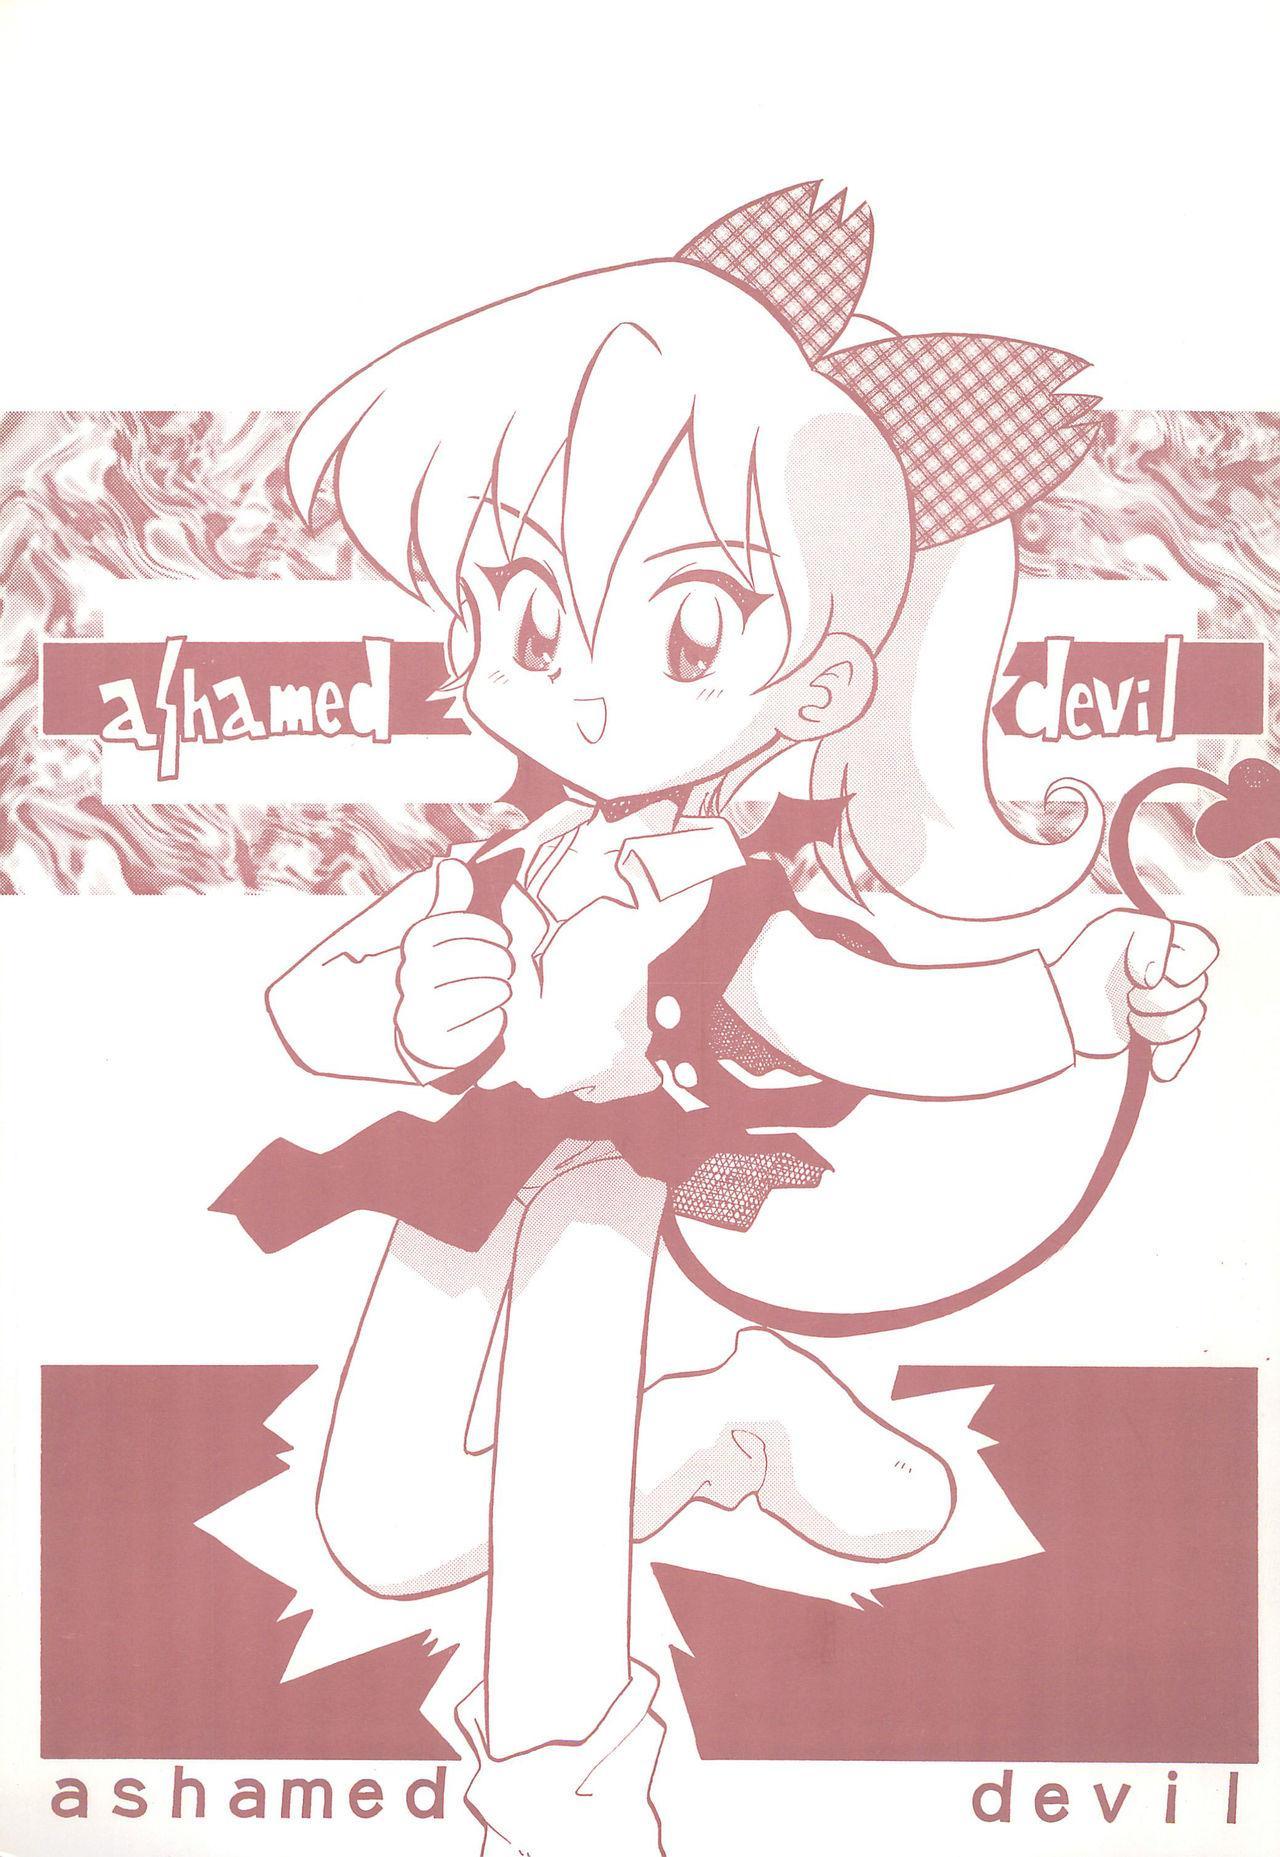 ashamed devil (コミティア46) [ぷーるぐえとわす (栗東てしお)]  0